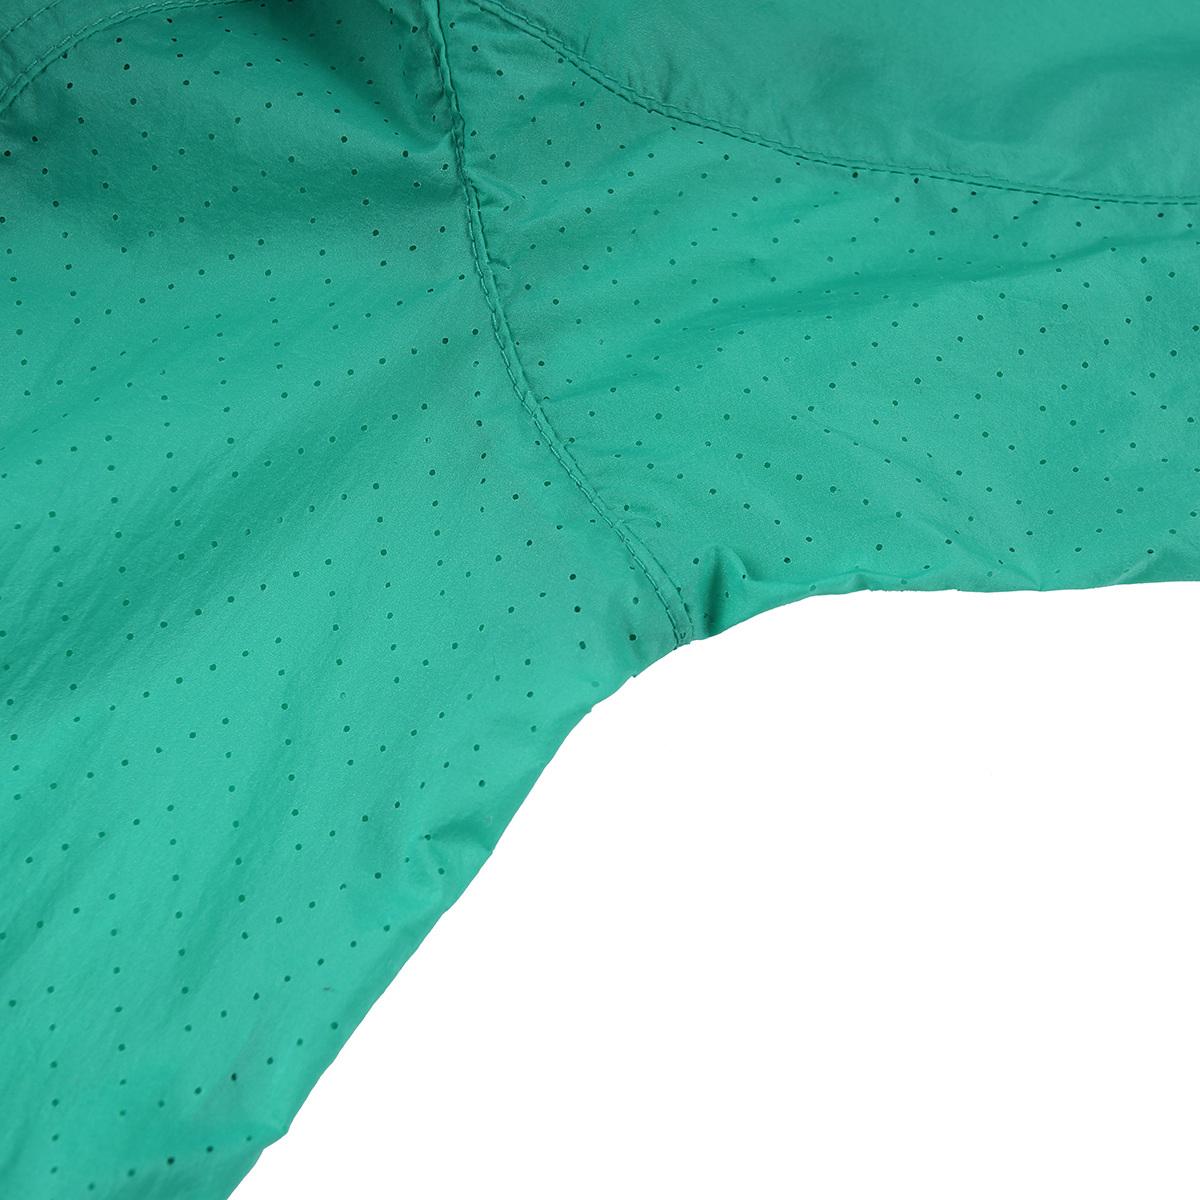 探路者防晒衣 春夏户外女透气抗紫外线外套防晒衣UPF40+J